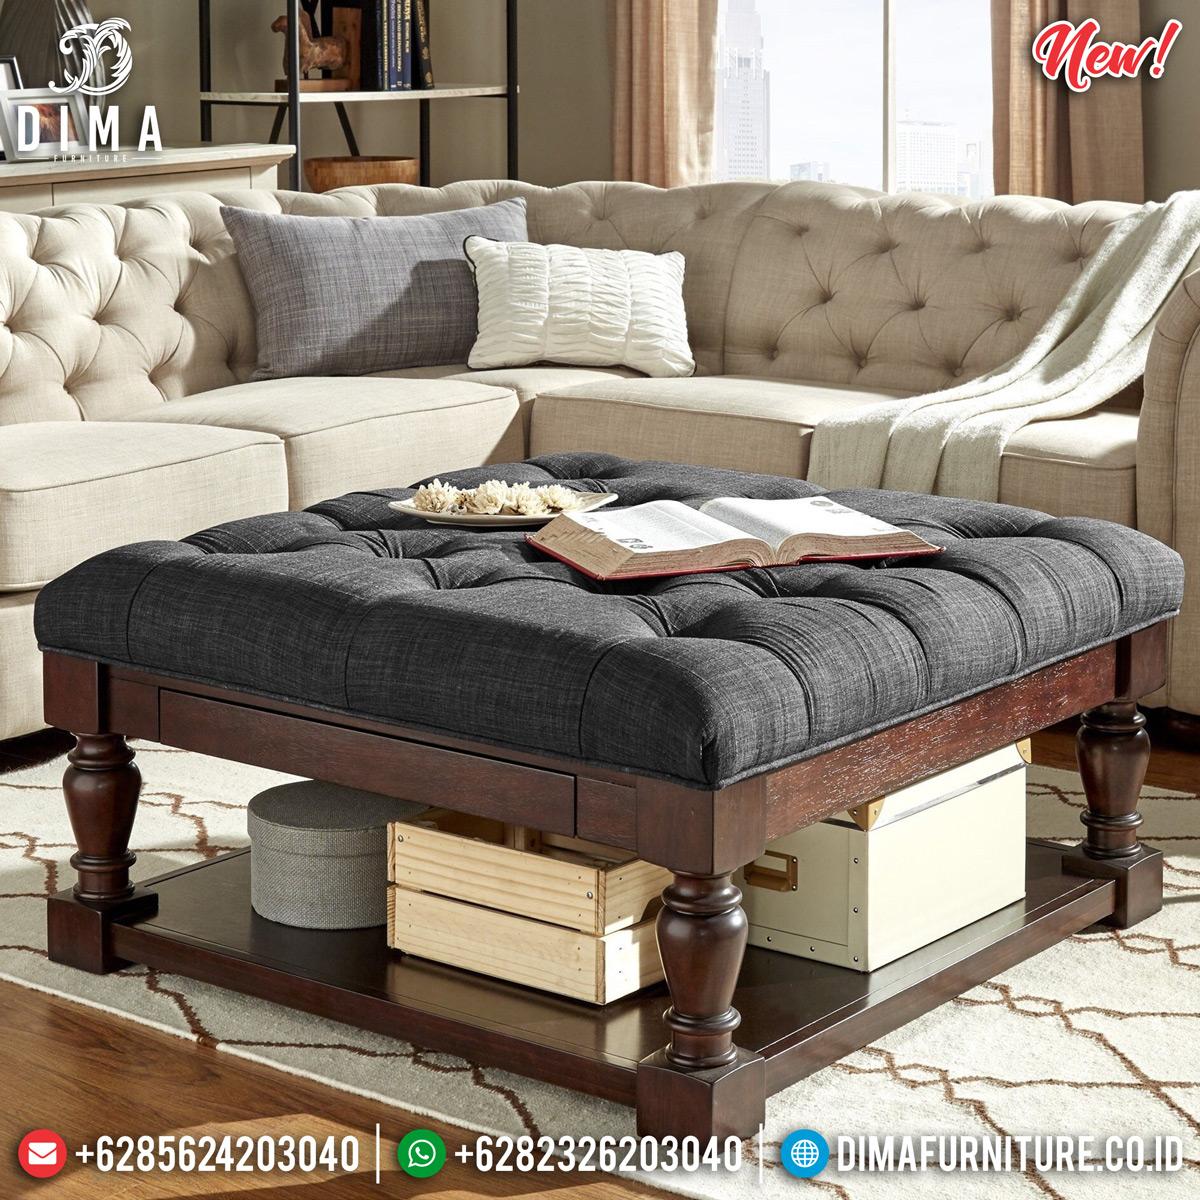 Meja Tamu Minimalis Jati Natural New Epic Style Furniture Jepara TTJ-0830